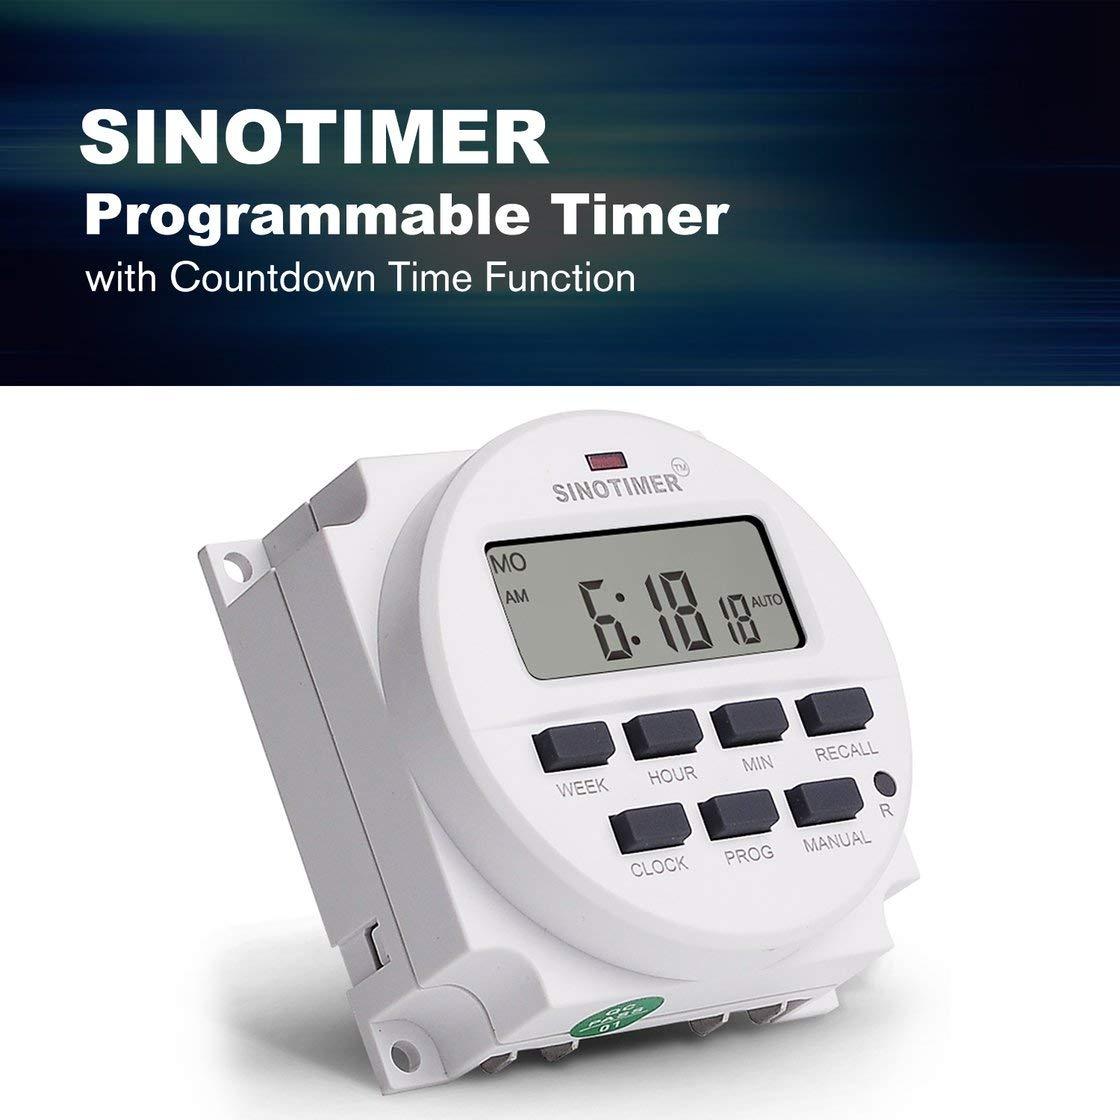 SINOTIMER TM618N-4 12V LCD Digital AC Programable Temporizador Interruptor con relé listado UL dentro con función de tiempo de cuenta regresiva: Amazon.es: ...